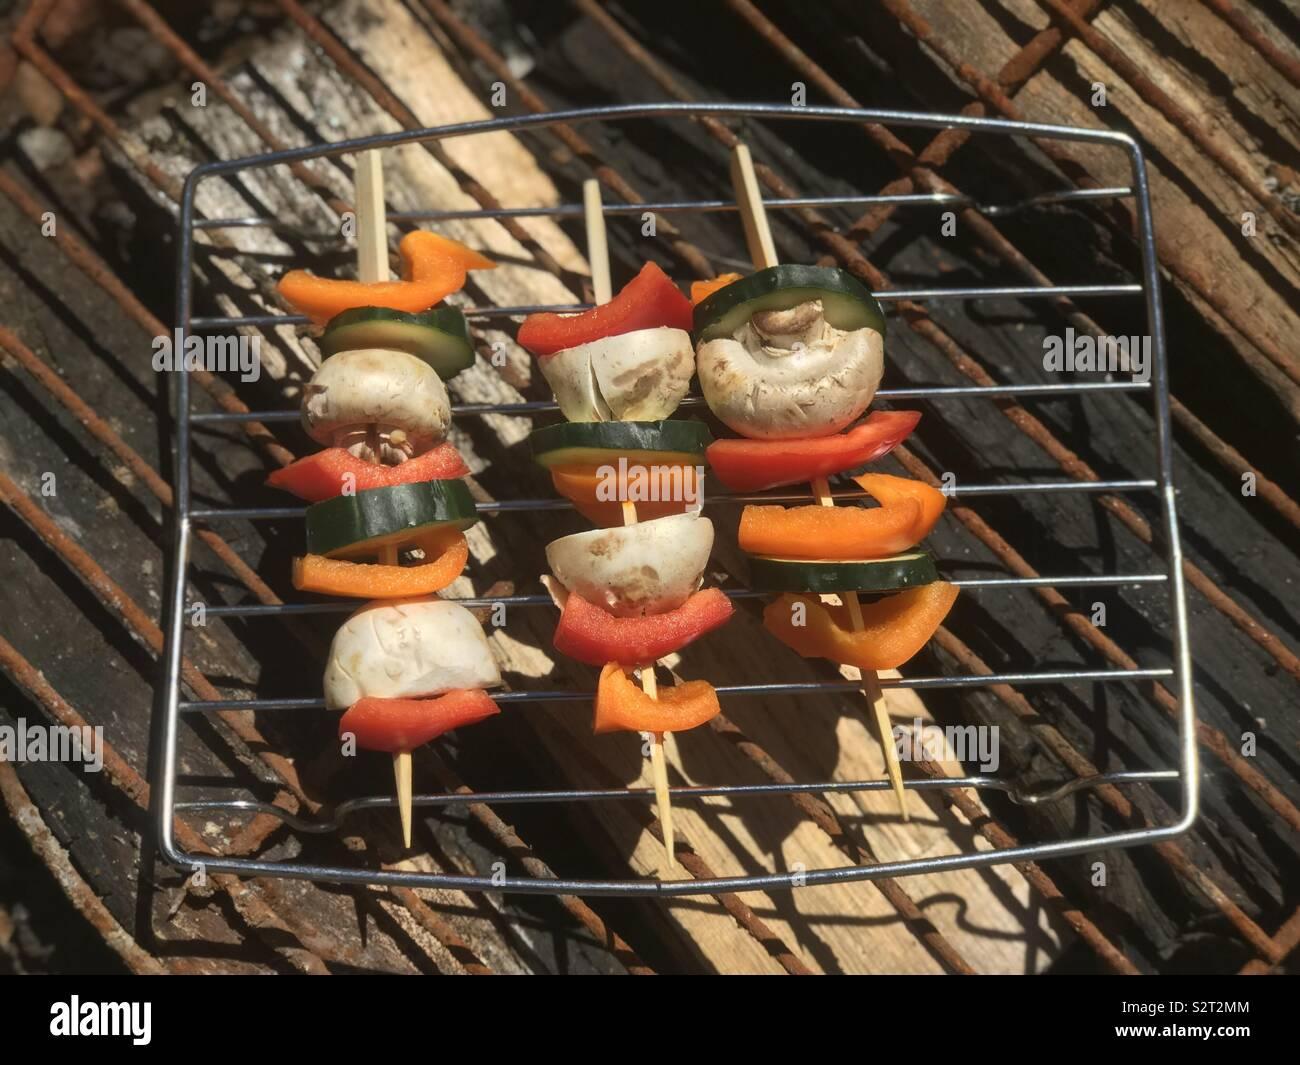 Brochettes barbecue à l'extérieur sur le barbecue en été. USA, l'Amérique Photo Stock